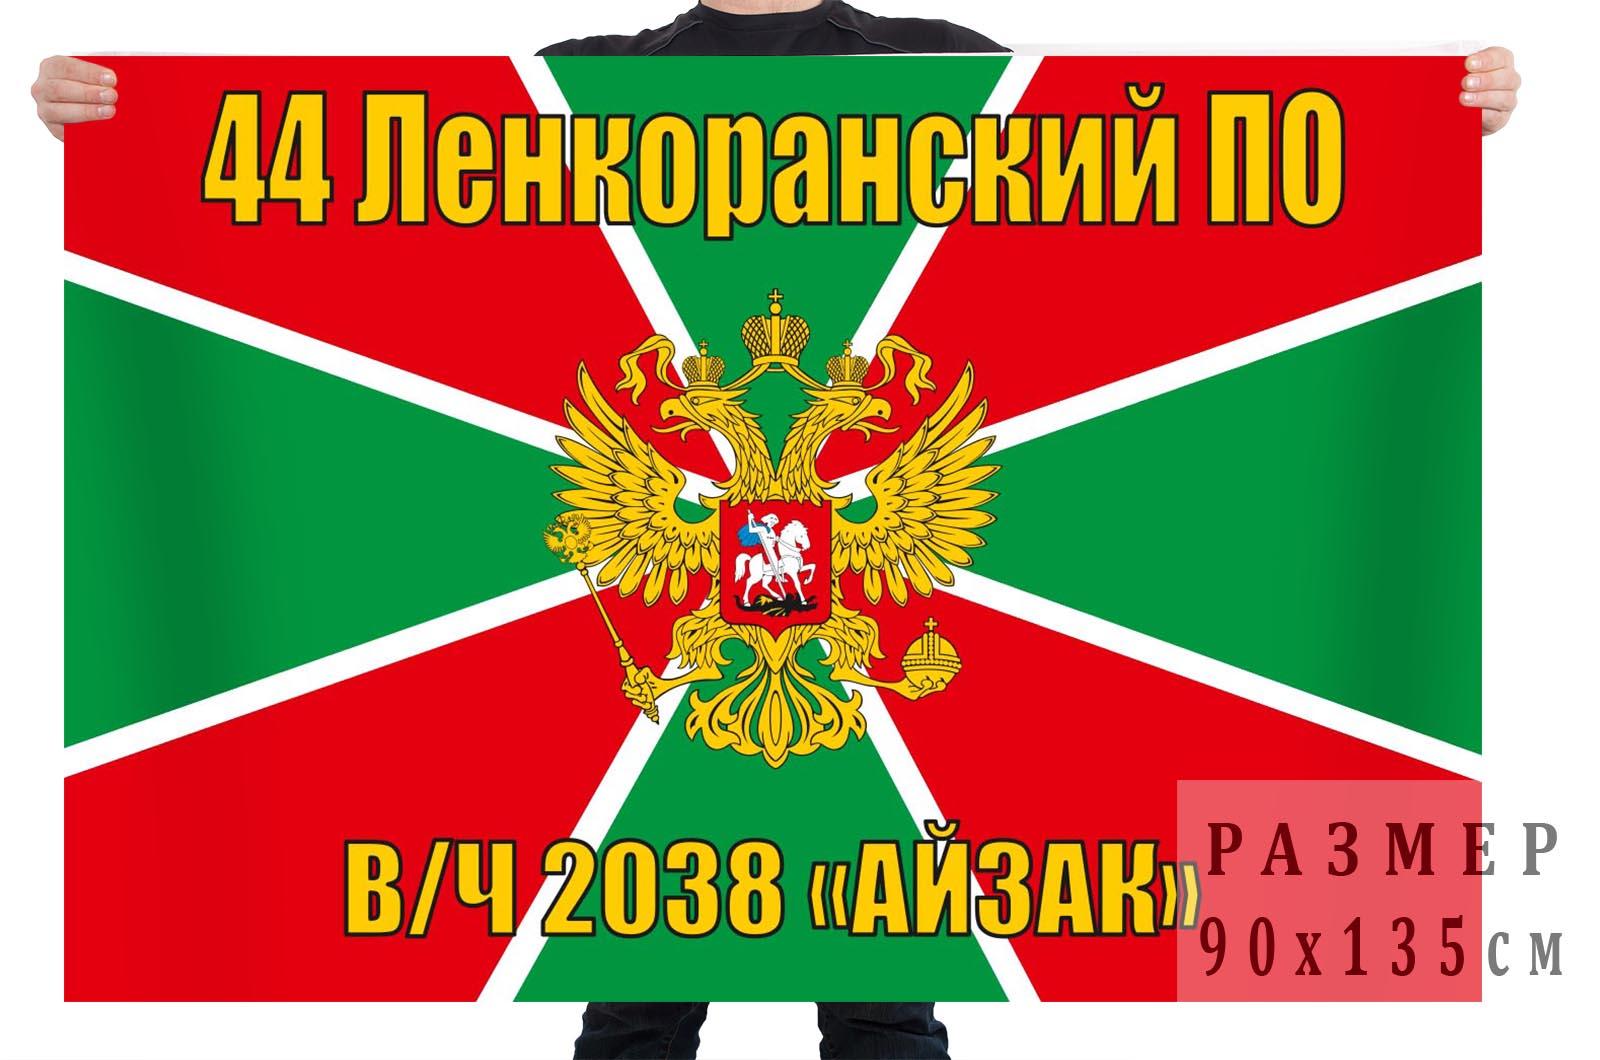 """Флаг 44 Ленкоранского Пограничного отряда """"Айзак"""""""